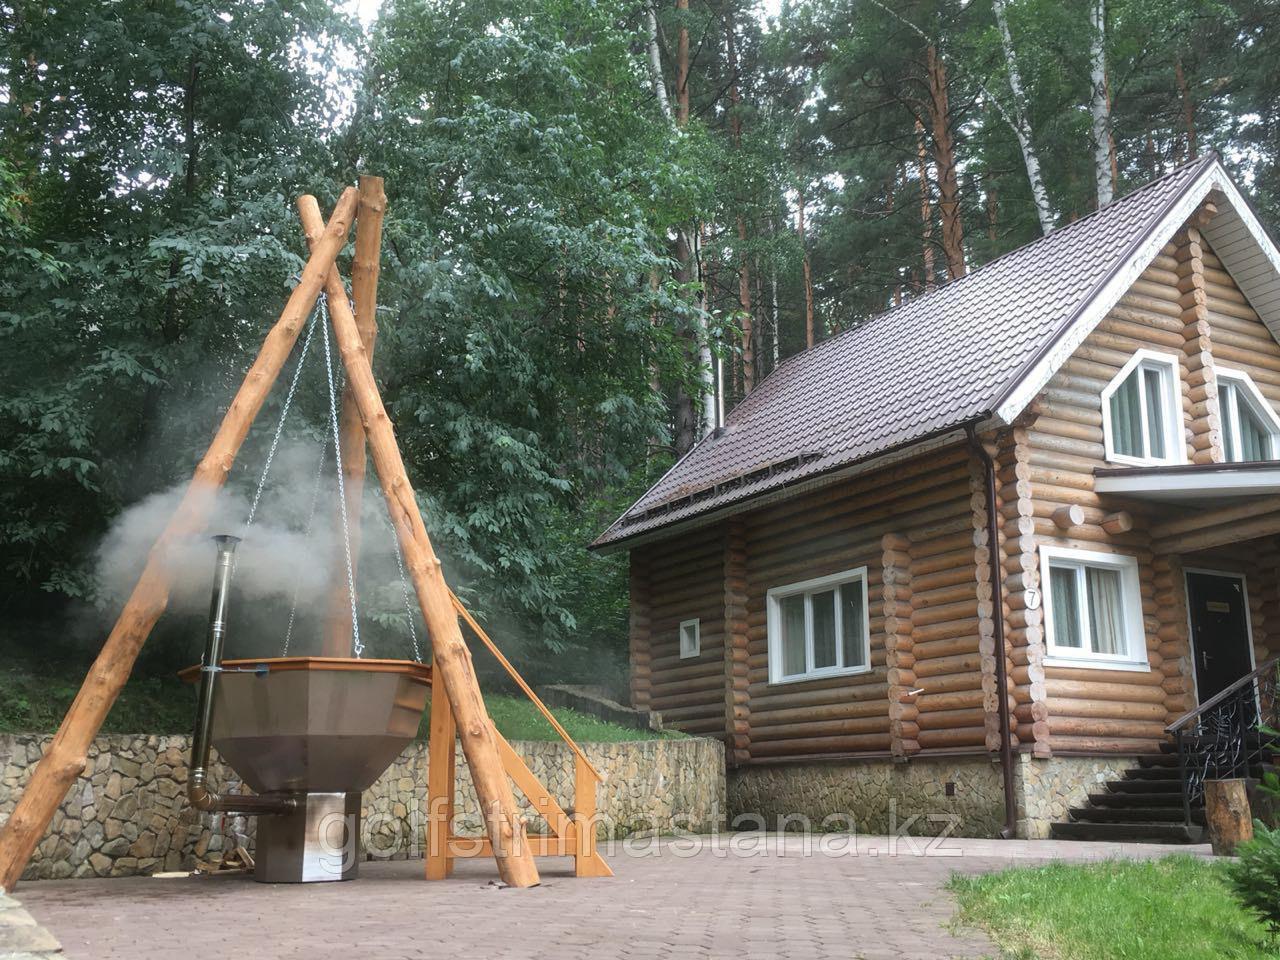 Сибирский Банный Чан, (в*д: 110*185/0,3 см., AISI-304), На бревнах, + печь, Окрашенный